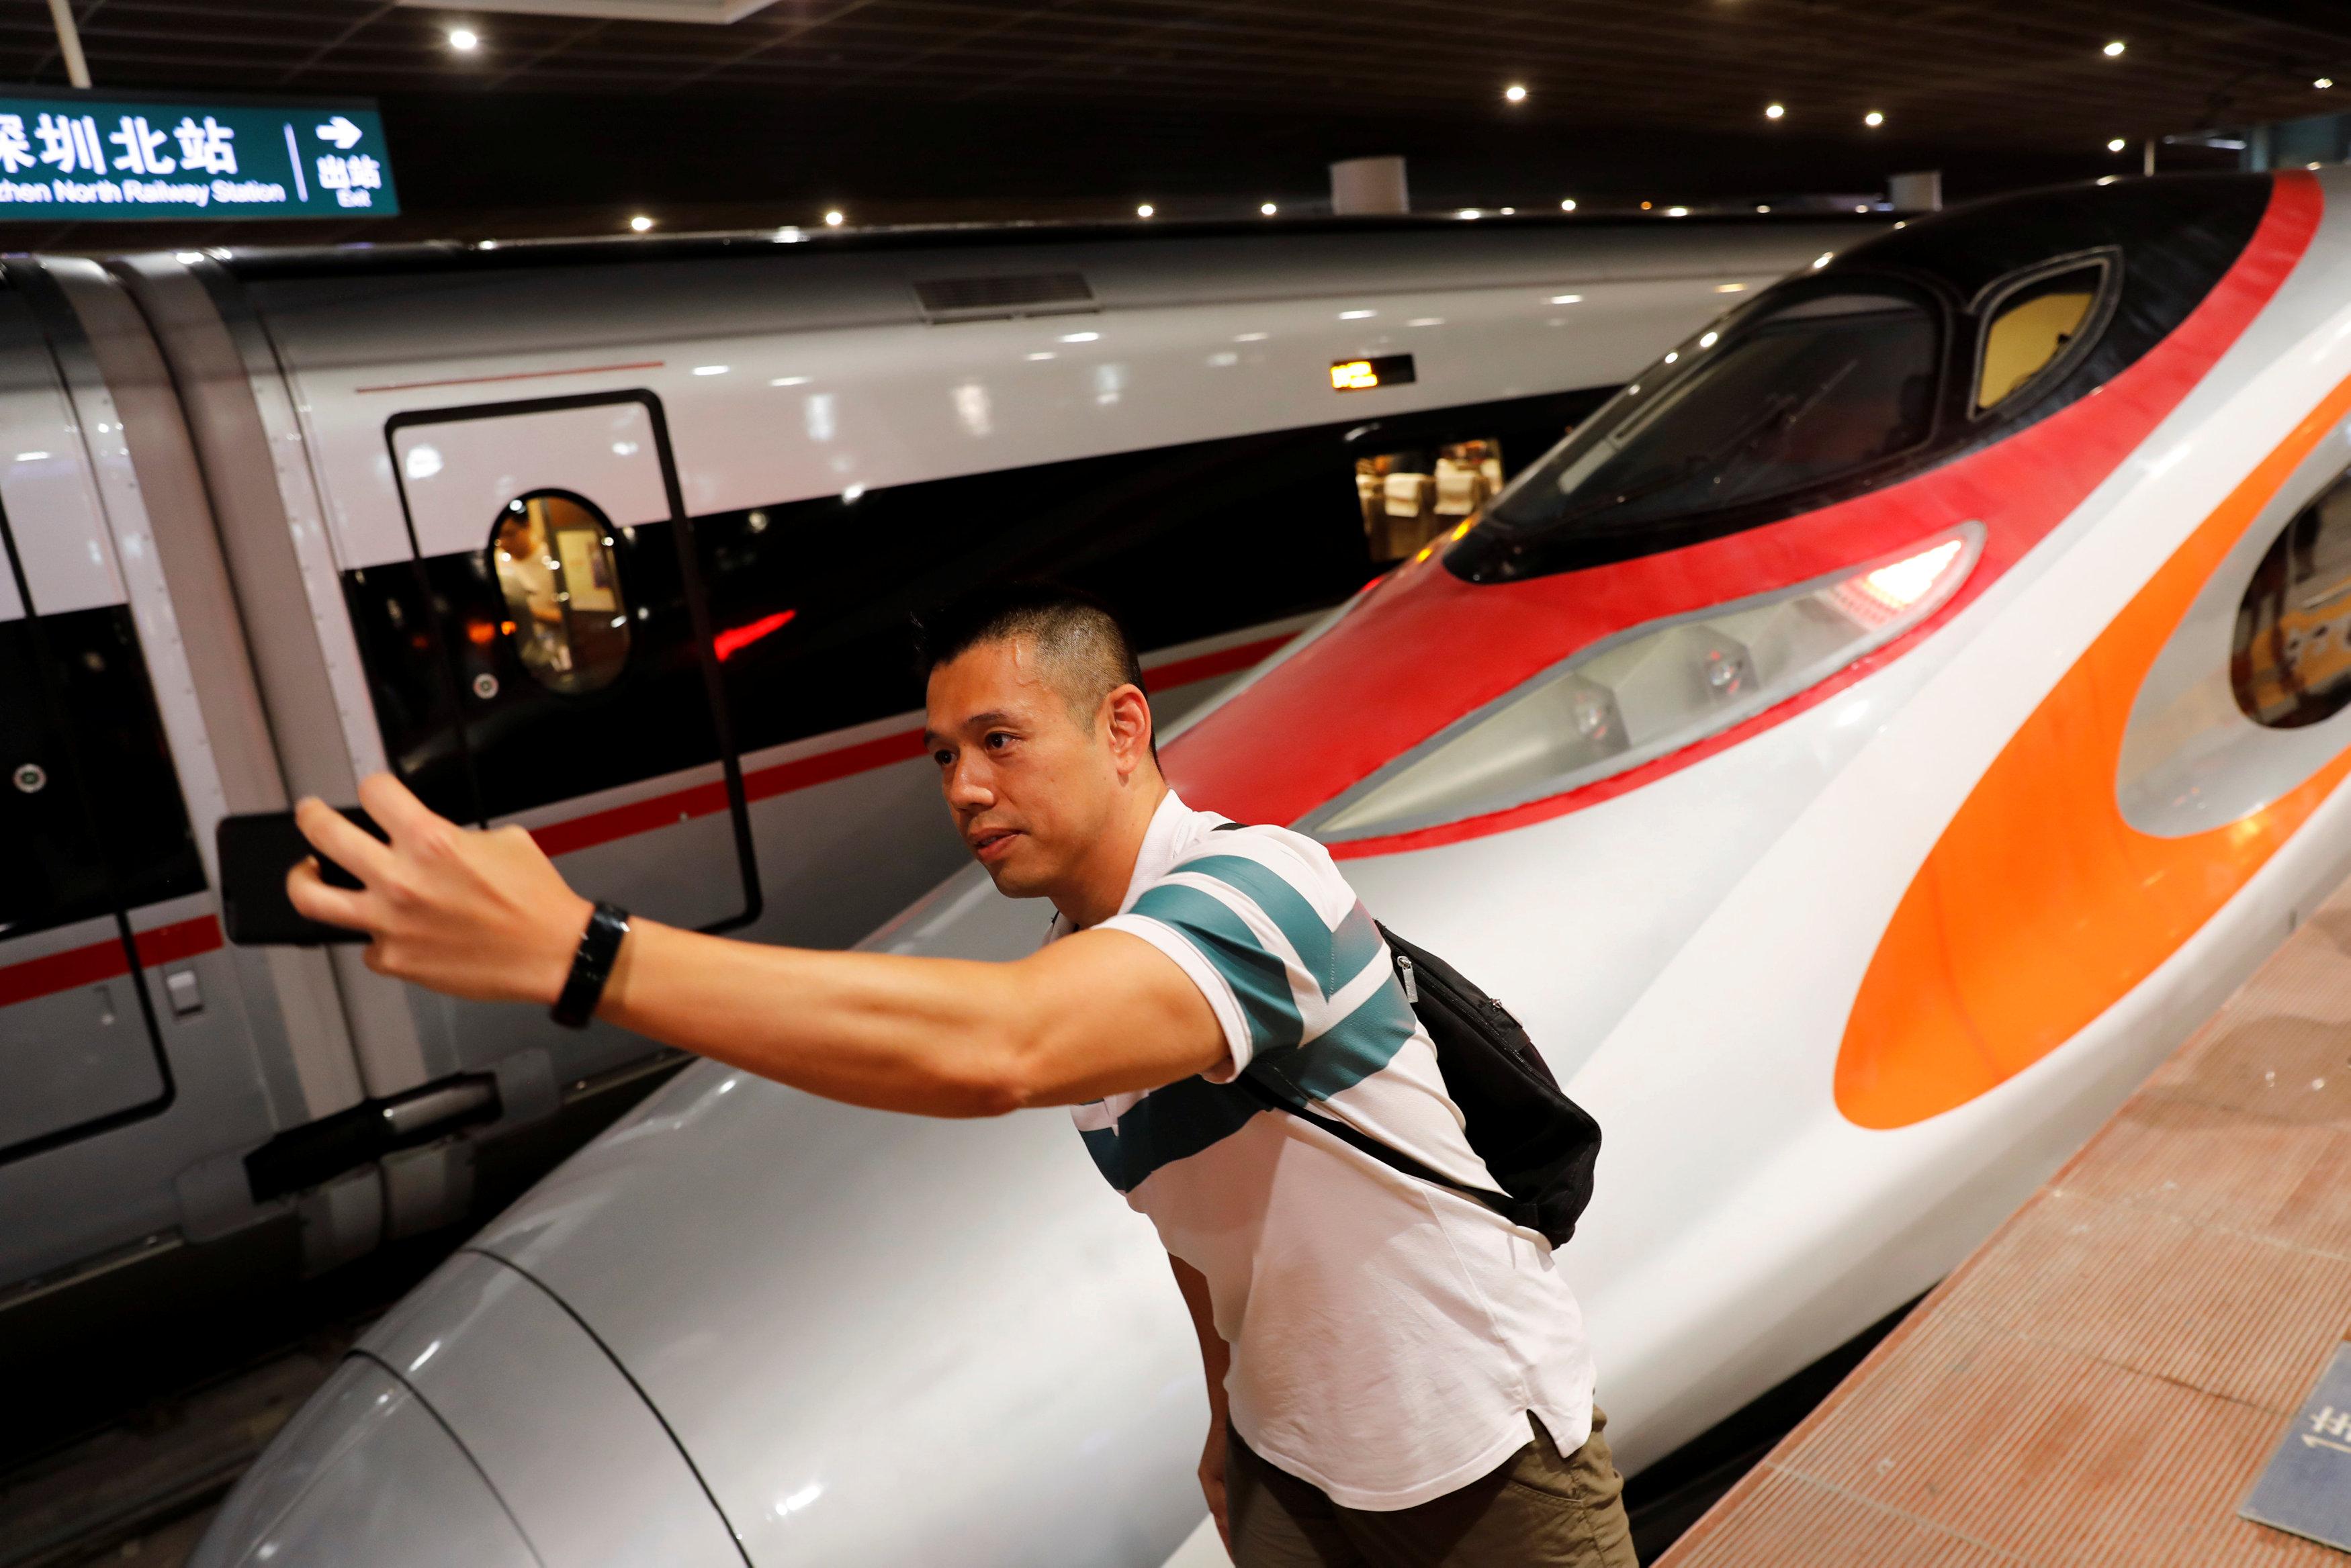 قطار فائق السرعة بالصين